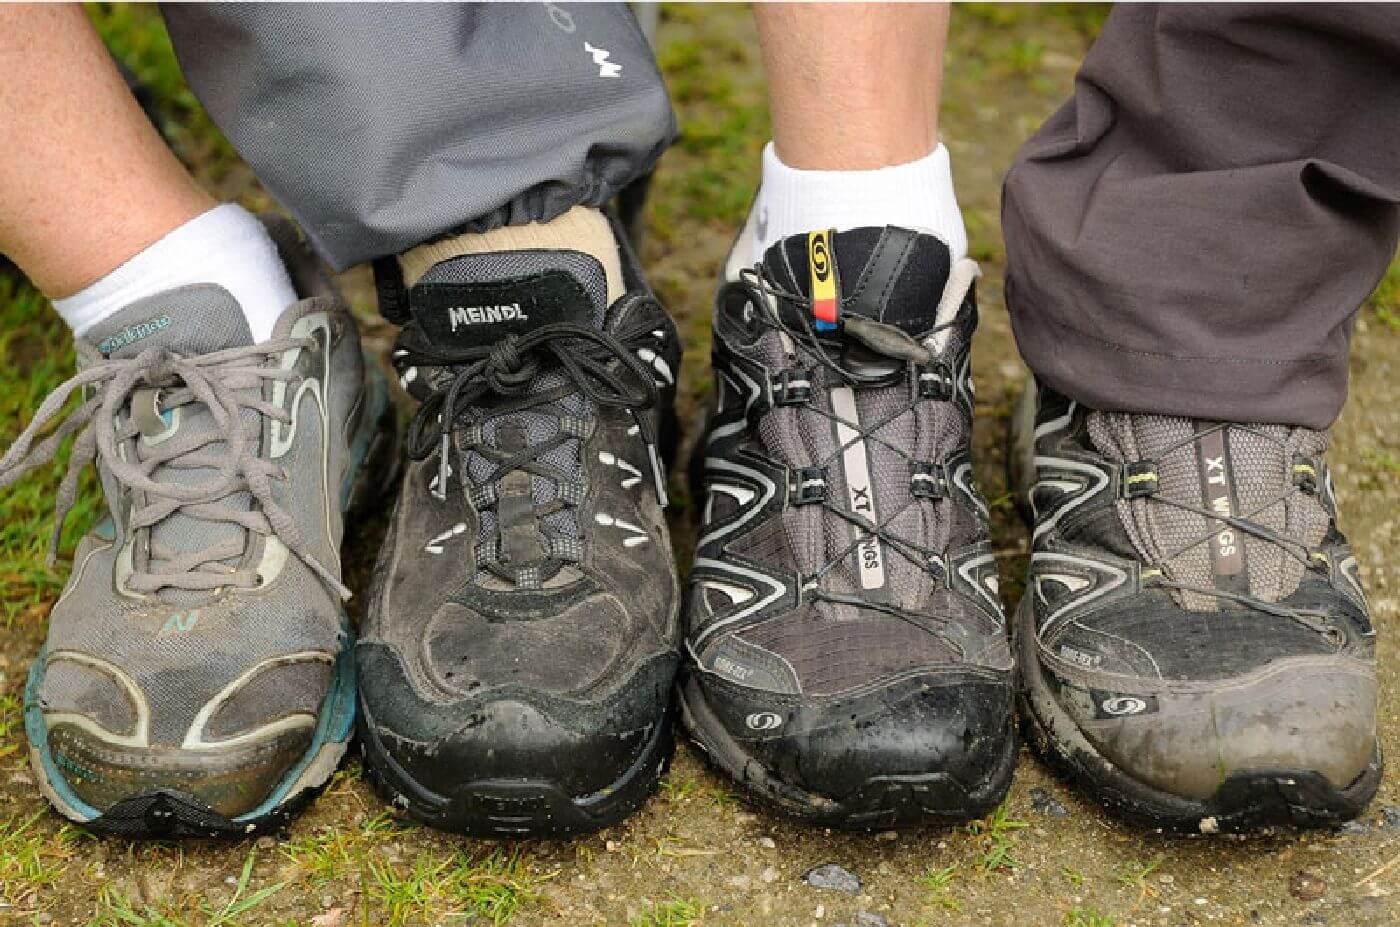 materiaal nordic walking stokken lussen schoenen kledij nordic fitness center brussels. Black Bedroom Furniture Sets. Home Design Ideas